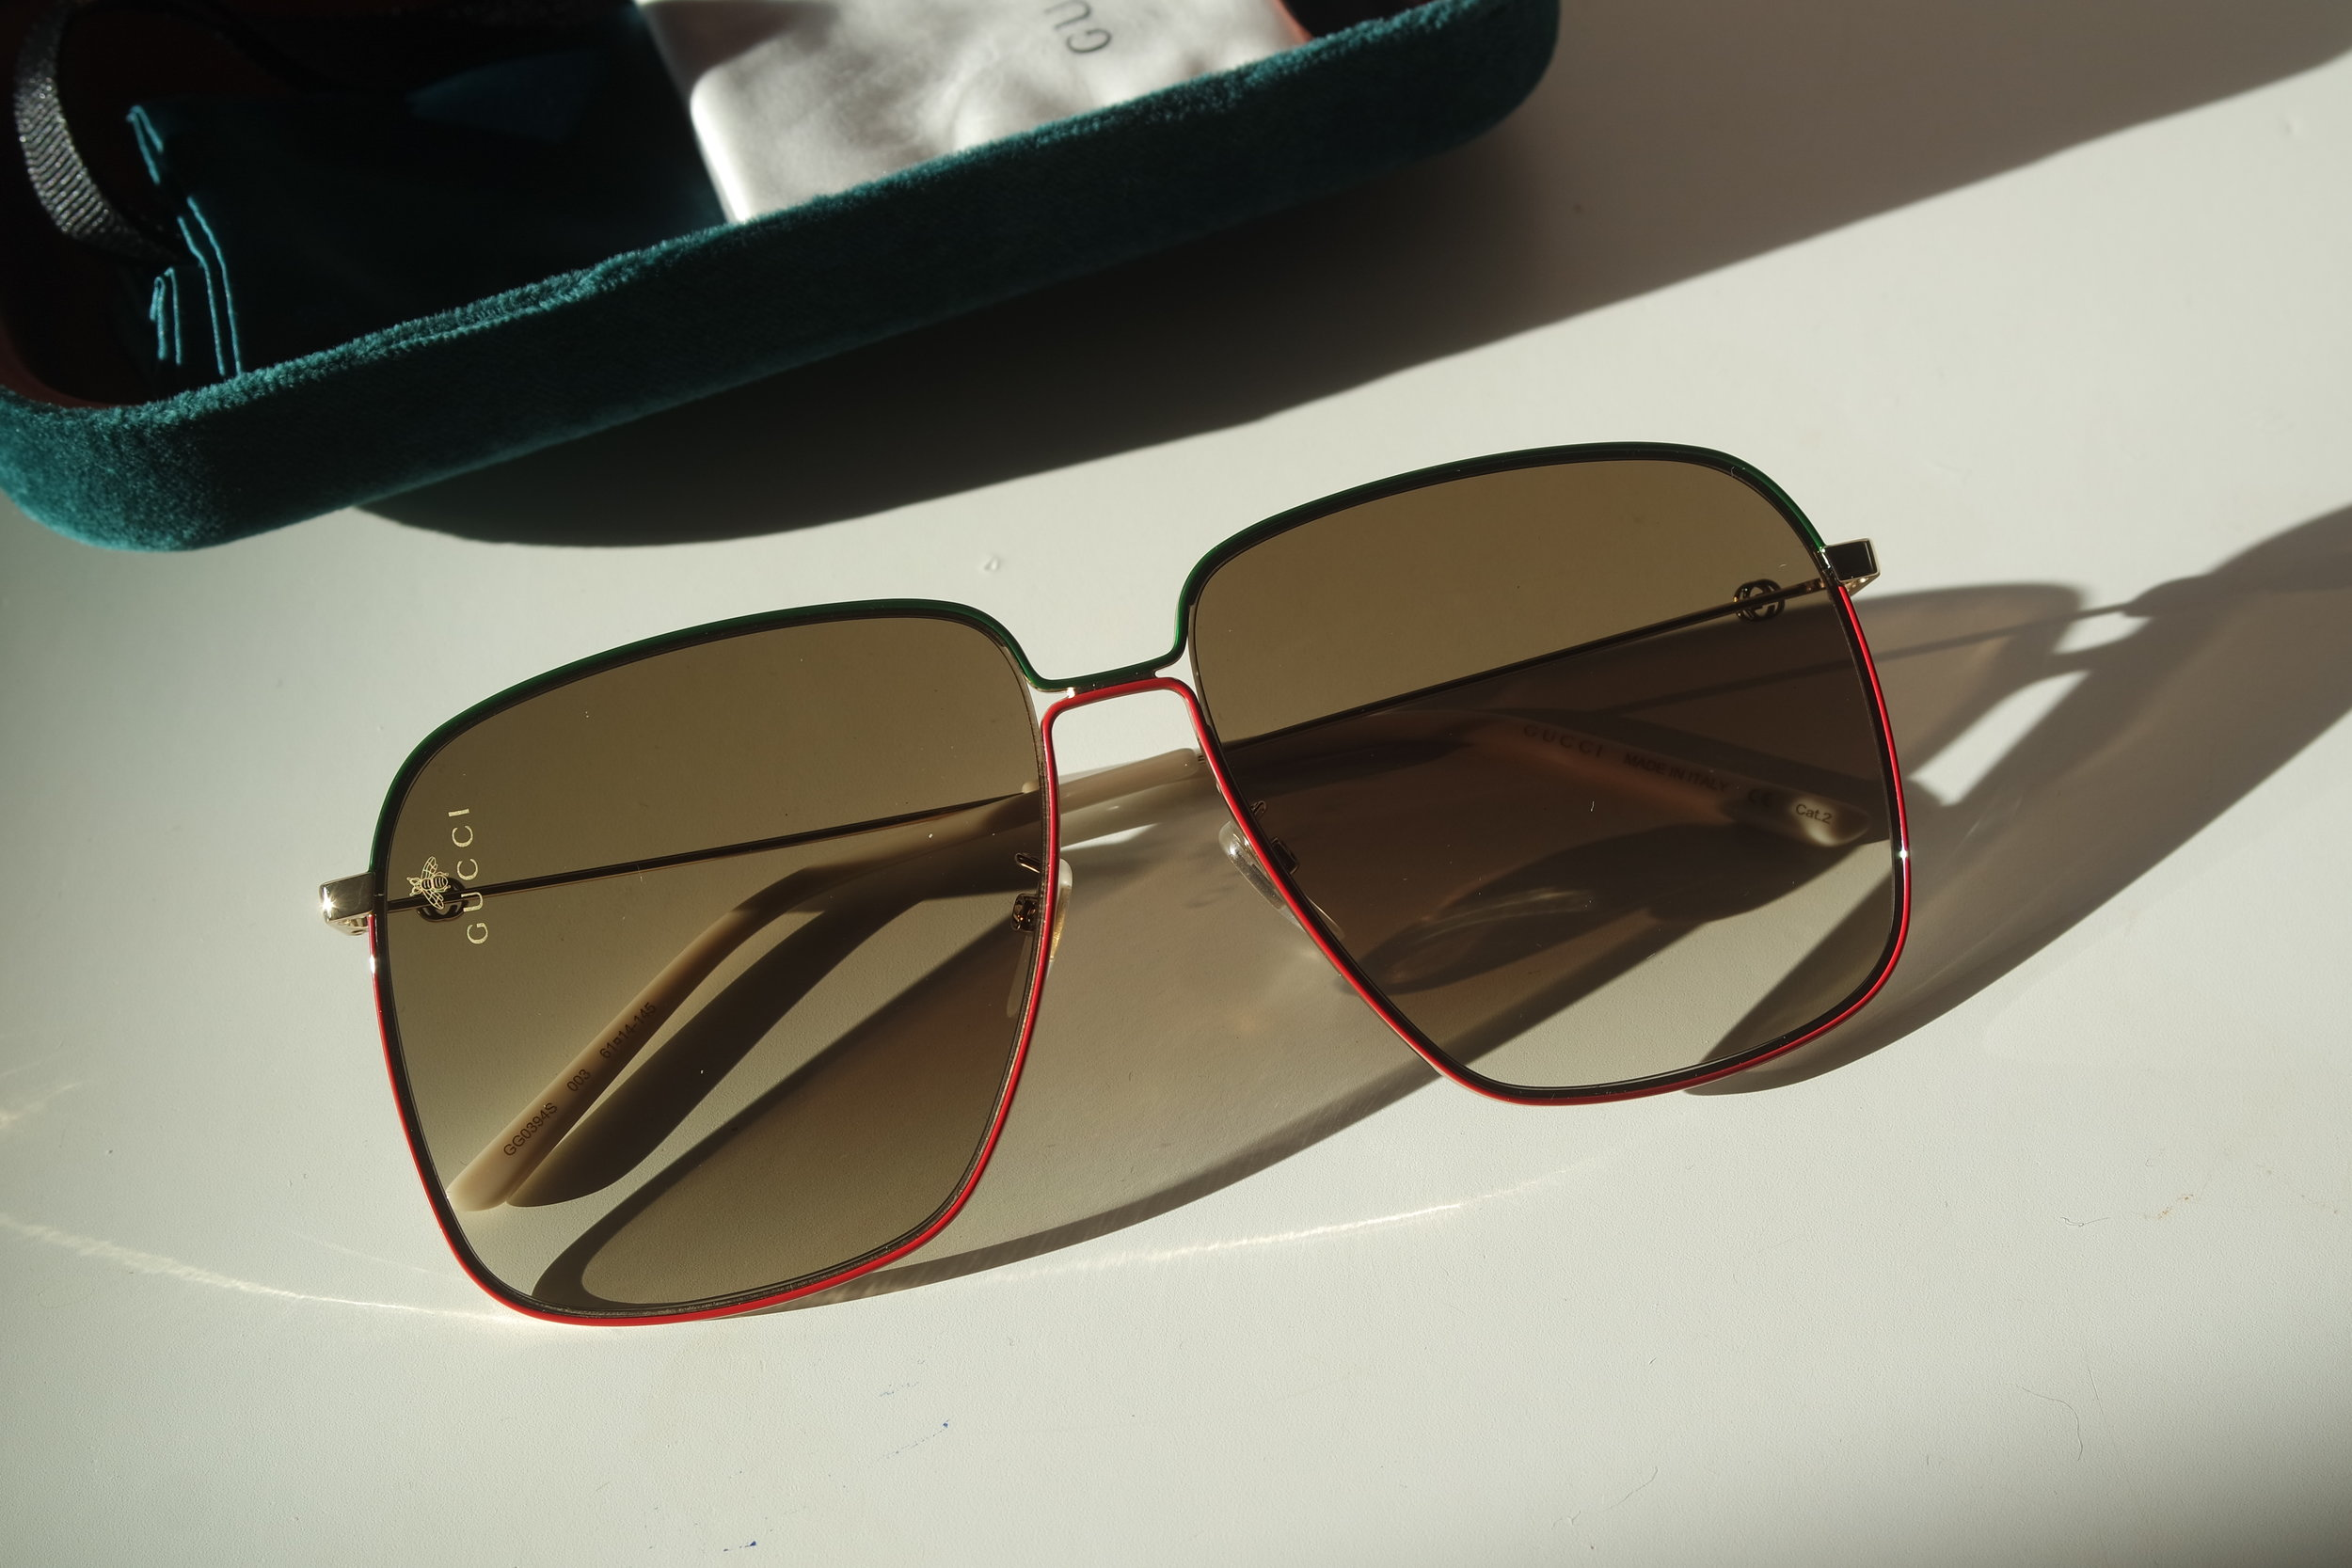 49248c88f01 Gucci GG0394S Oversized Square Bee Logo Sunglasses (3 Colors) — Designer  Daydream